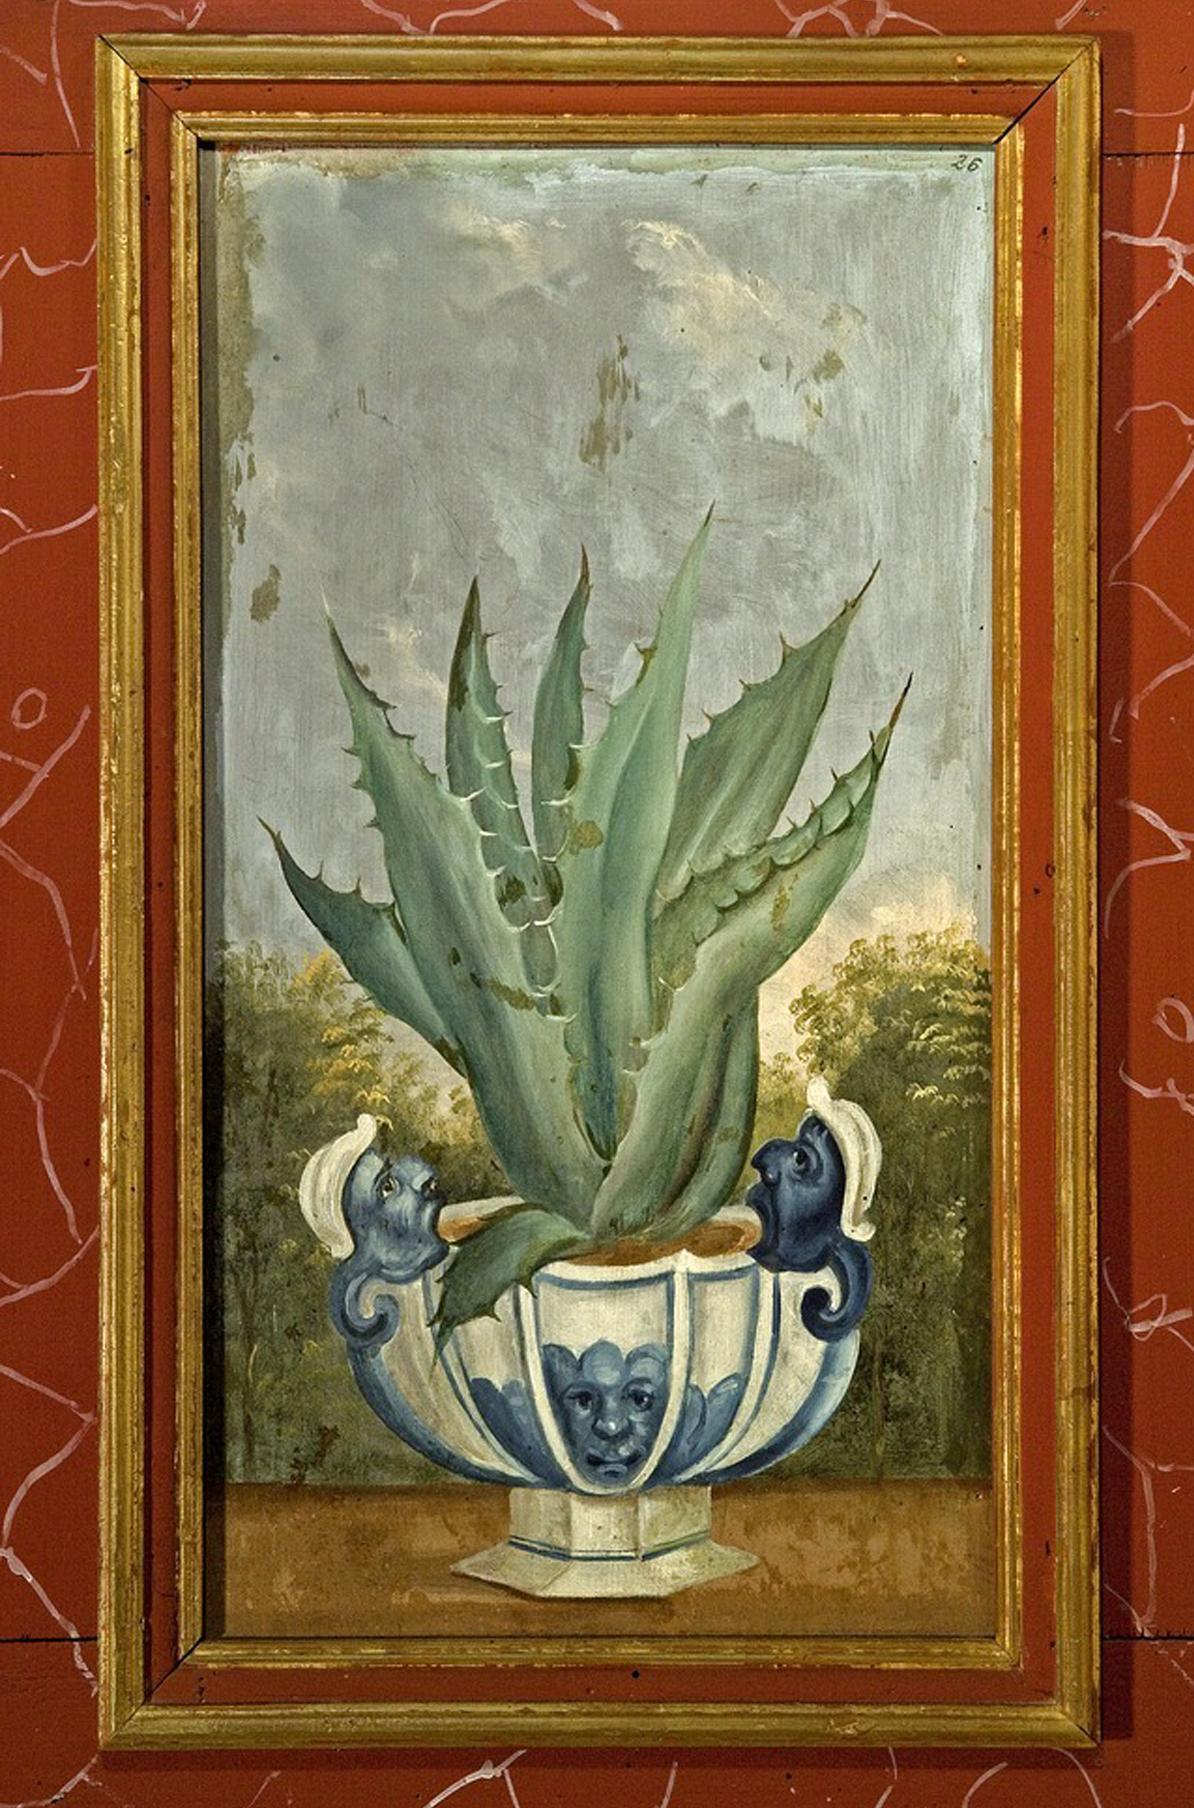 Aloe Vera, Lambrisbild im Rittersaal, Schloss Weikersheim; Foto: Landesmedienzentrum Baden-Württemberg, Arnim Weischer